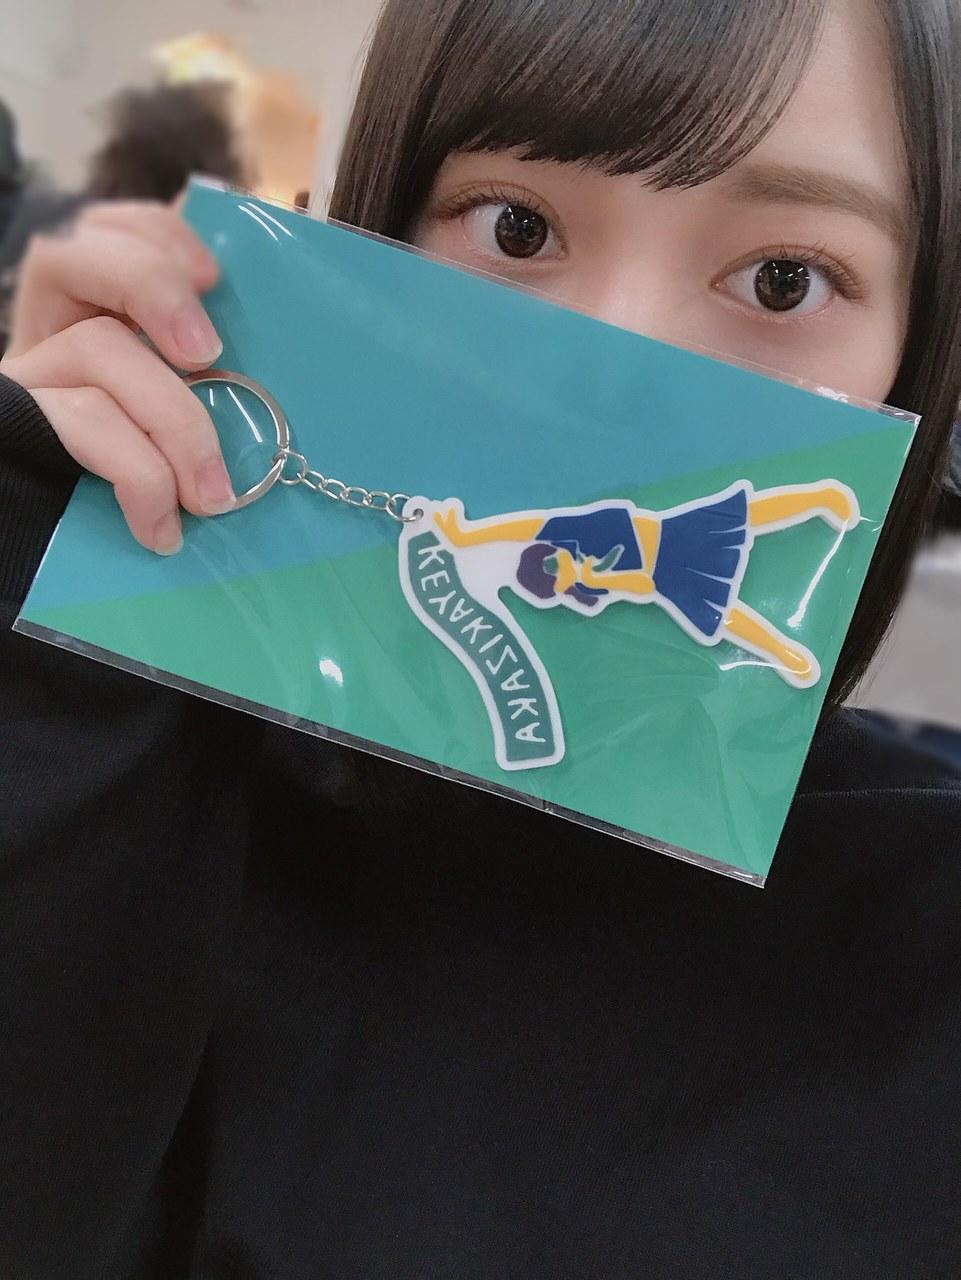 おおさか!オオサカ!大阪!